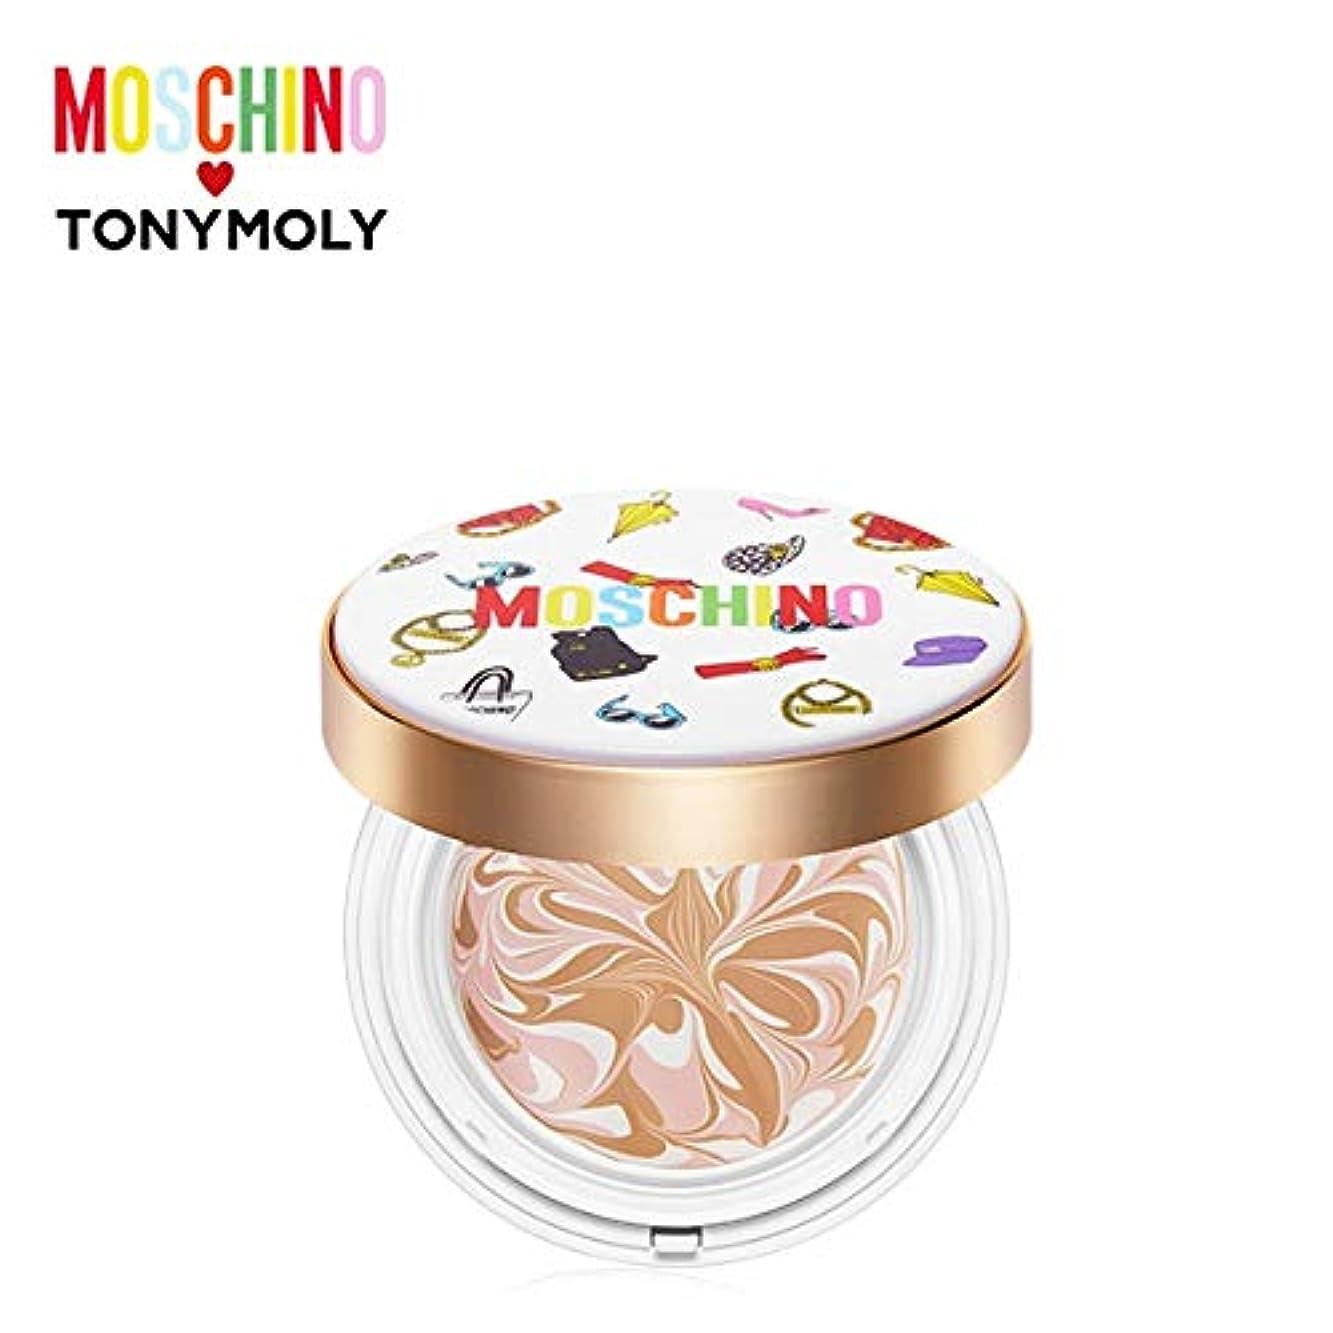 バースエイズモザイクトニーモリー [モスキーノ] シック スキン エッセンス パクト 18g TONYMOLY [MOSCHINO] Chic Skin Essence Pact #01 CHIC VANILLA [並行輸入品]